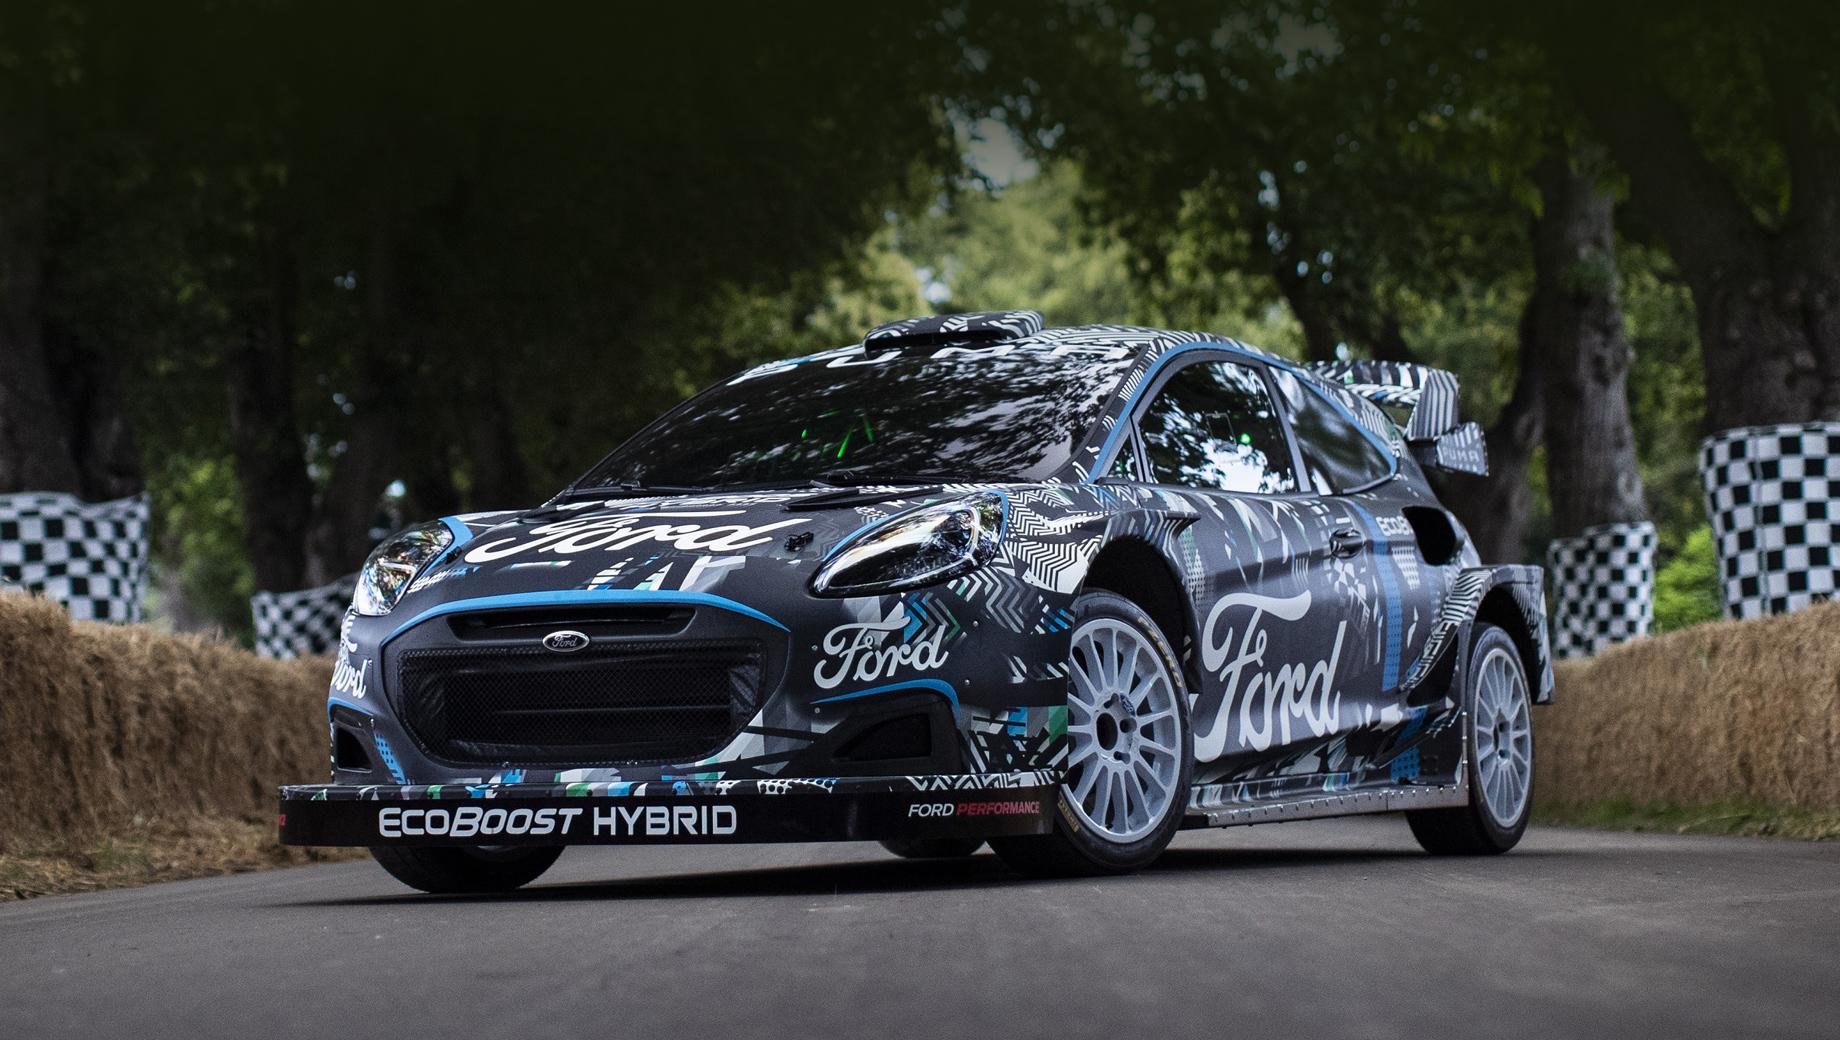 Ford puma,Ford puma rally1. Авторы модели говорят, что вся её гибридная система в сумме с жидкостным и воздушным охлаждением тянет на 95 кг. Первый образец послужит тестовым прототипом при создании «боевых» экземпляров для следующего чемпионата.